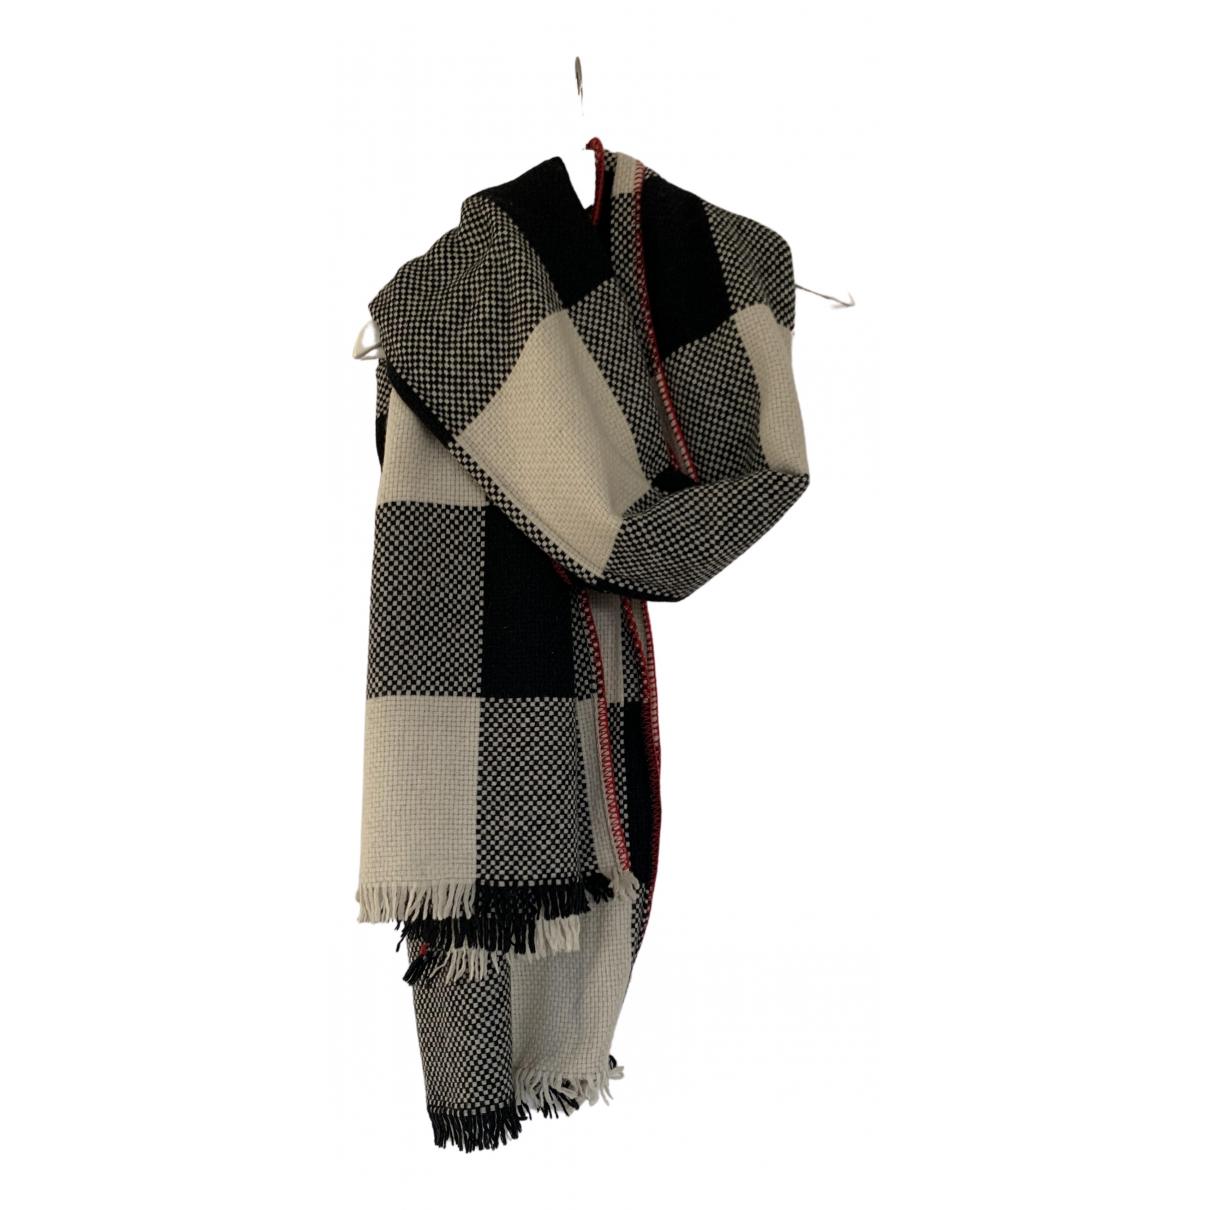 Massimo Dutti - Foulard   pour femme en laine - multicolore